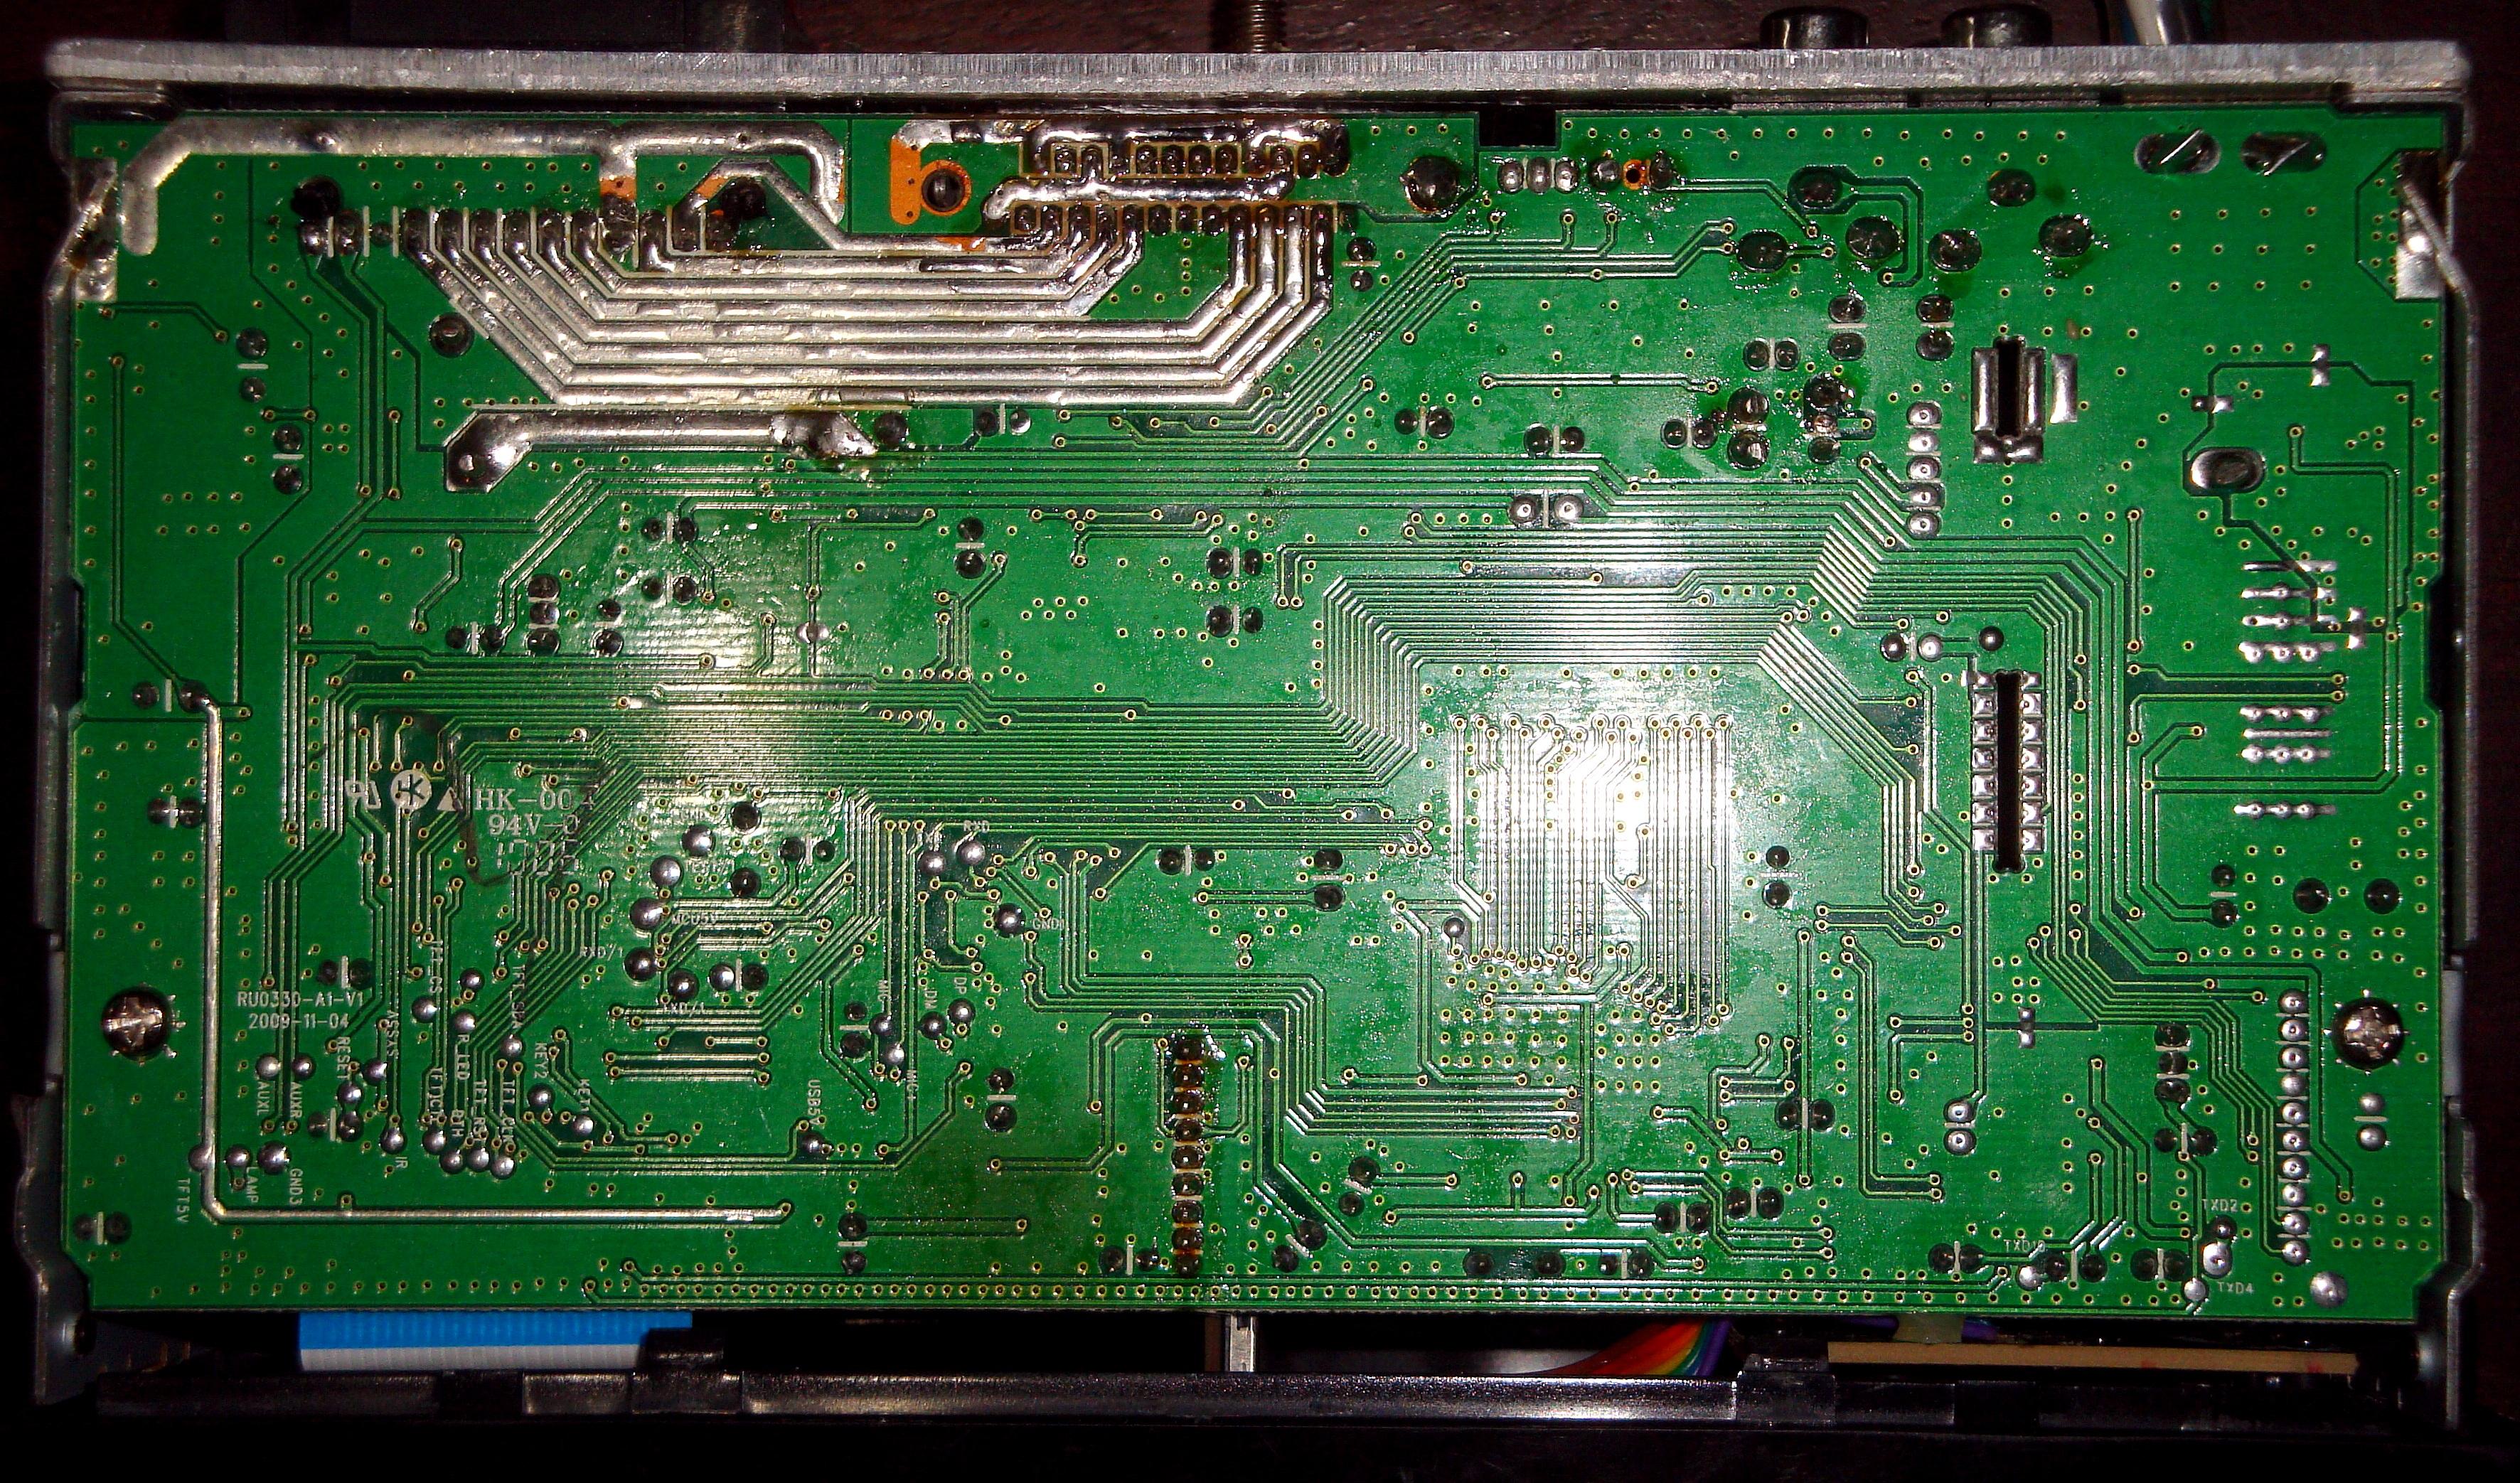 RU0330-A1-V1_002.JPG